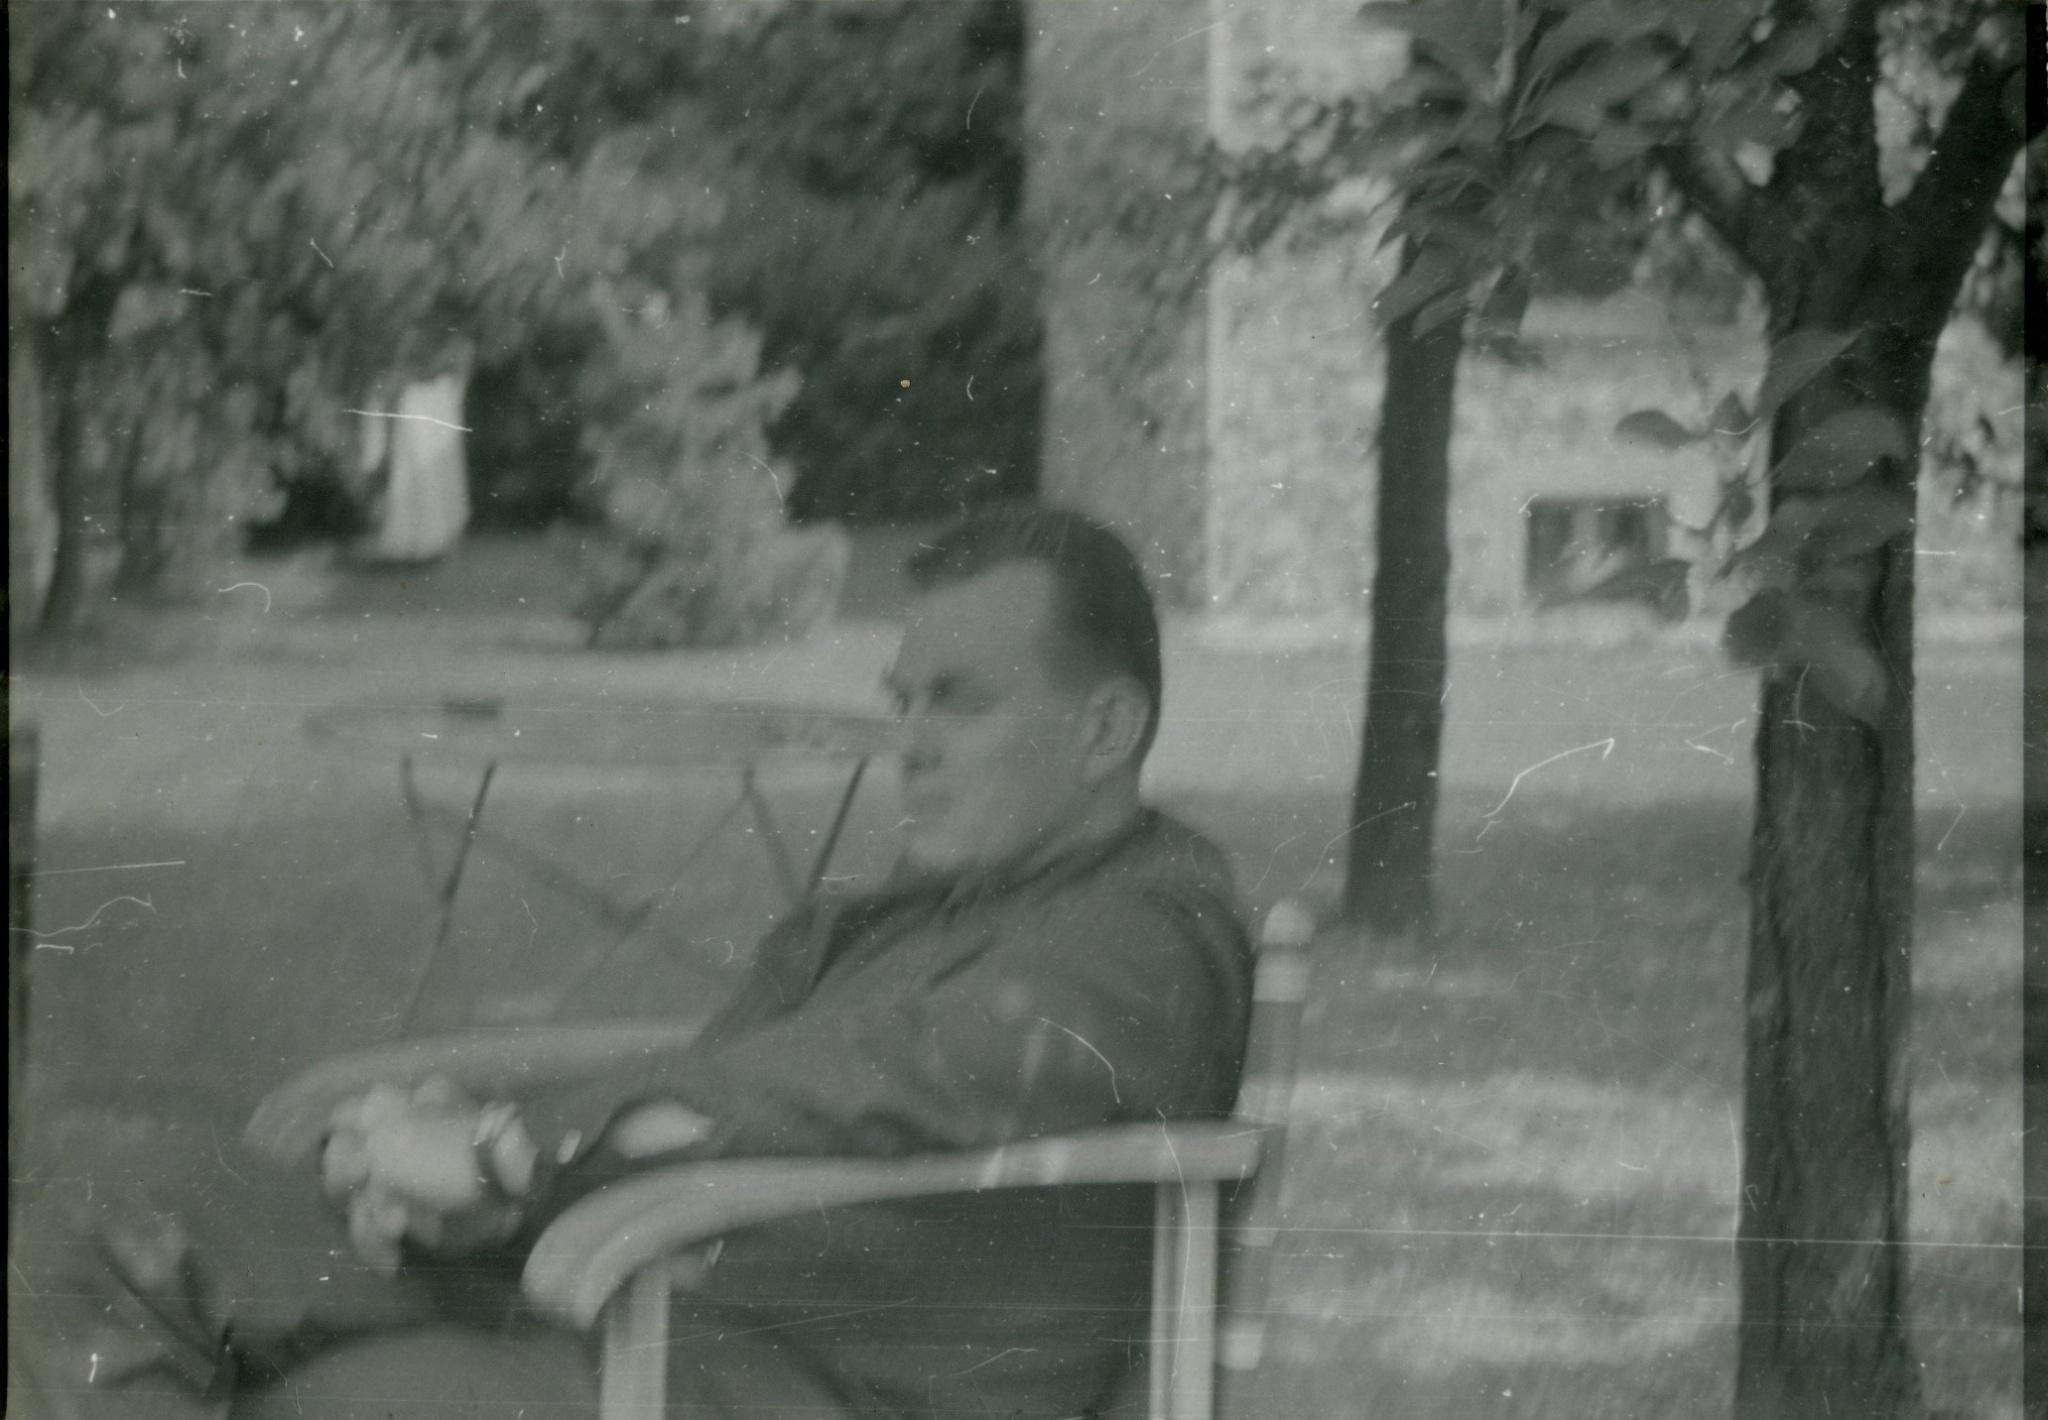 <div class='inner-box'><div class='close-desc'></div>  <span class='opis'>Czesław Miłosz w ogrodzie siedzi na krześle pod drzewem.</span>   </div>